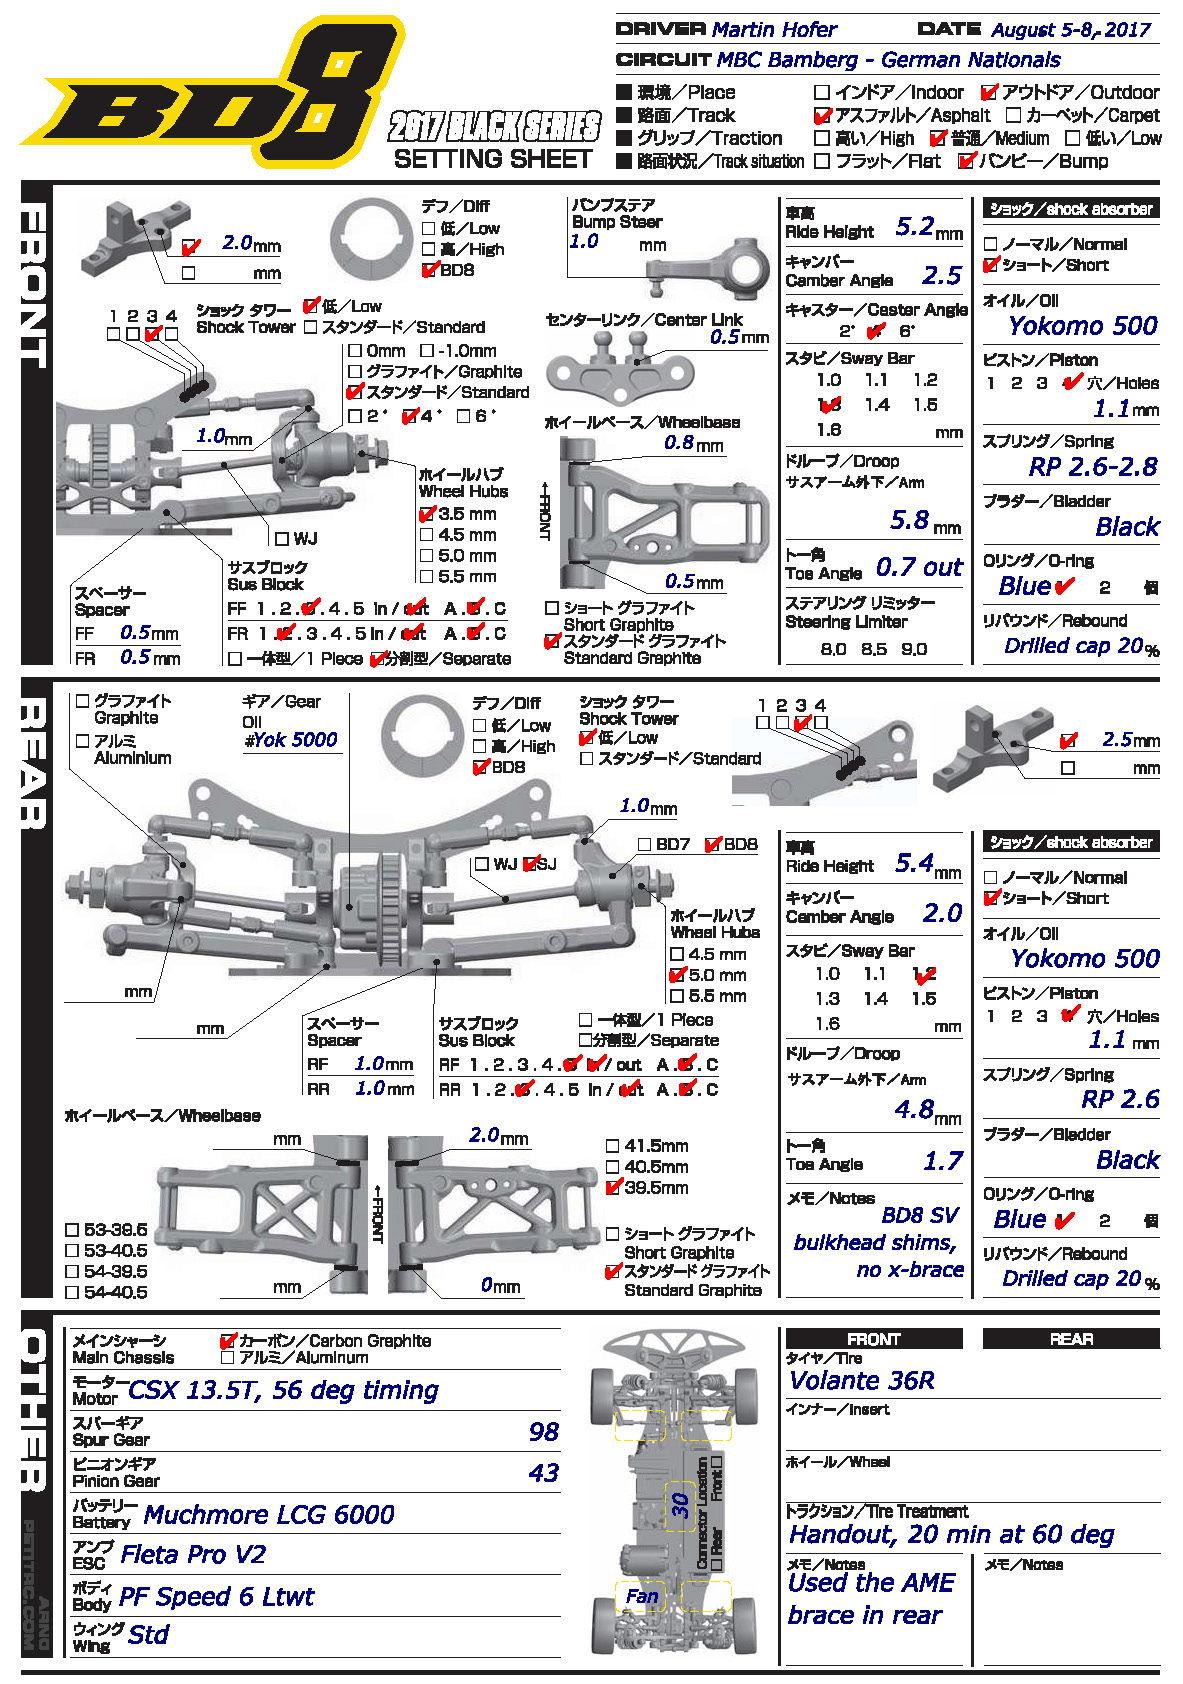 YOKOMO Touring Car BD-8 - Page 45 - R/C Tech Forums